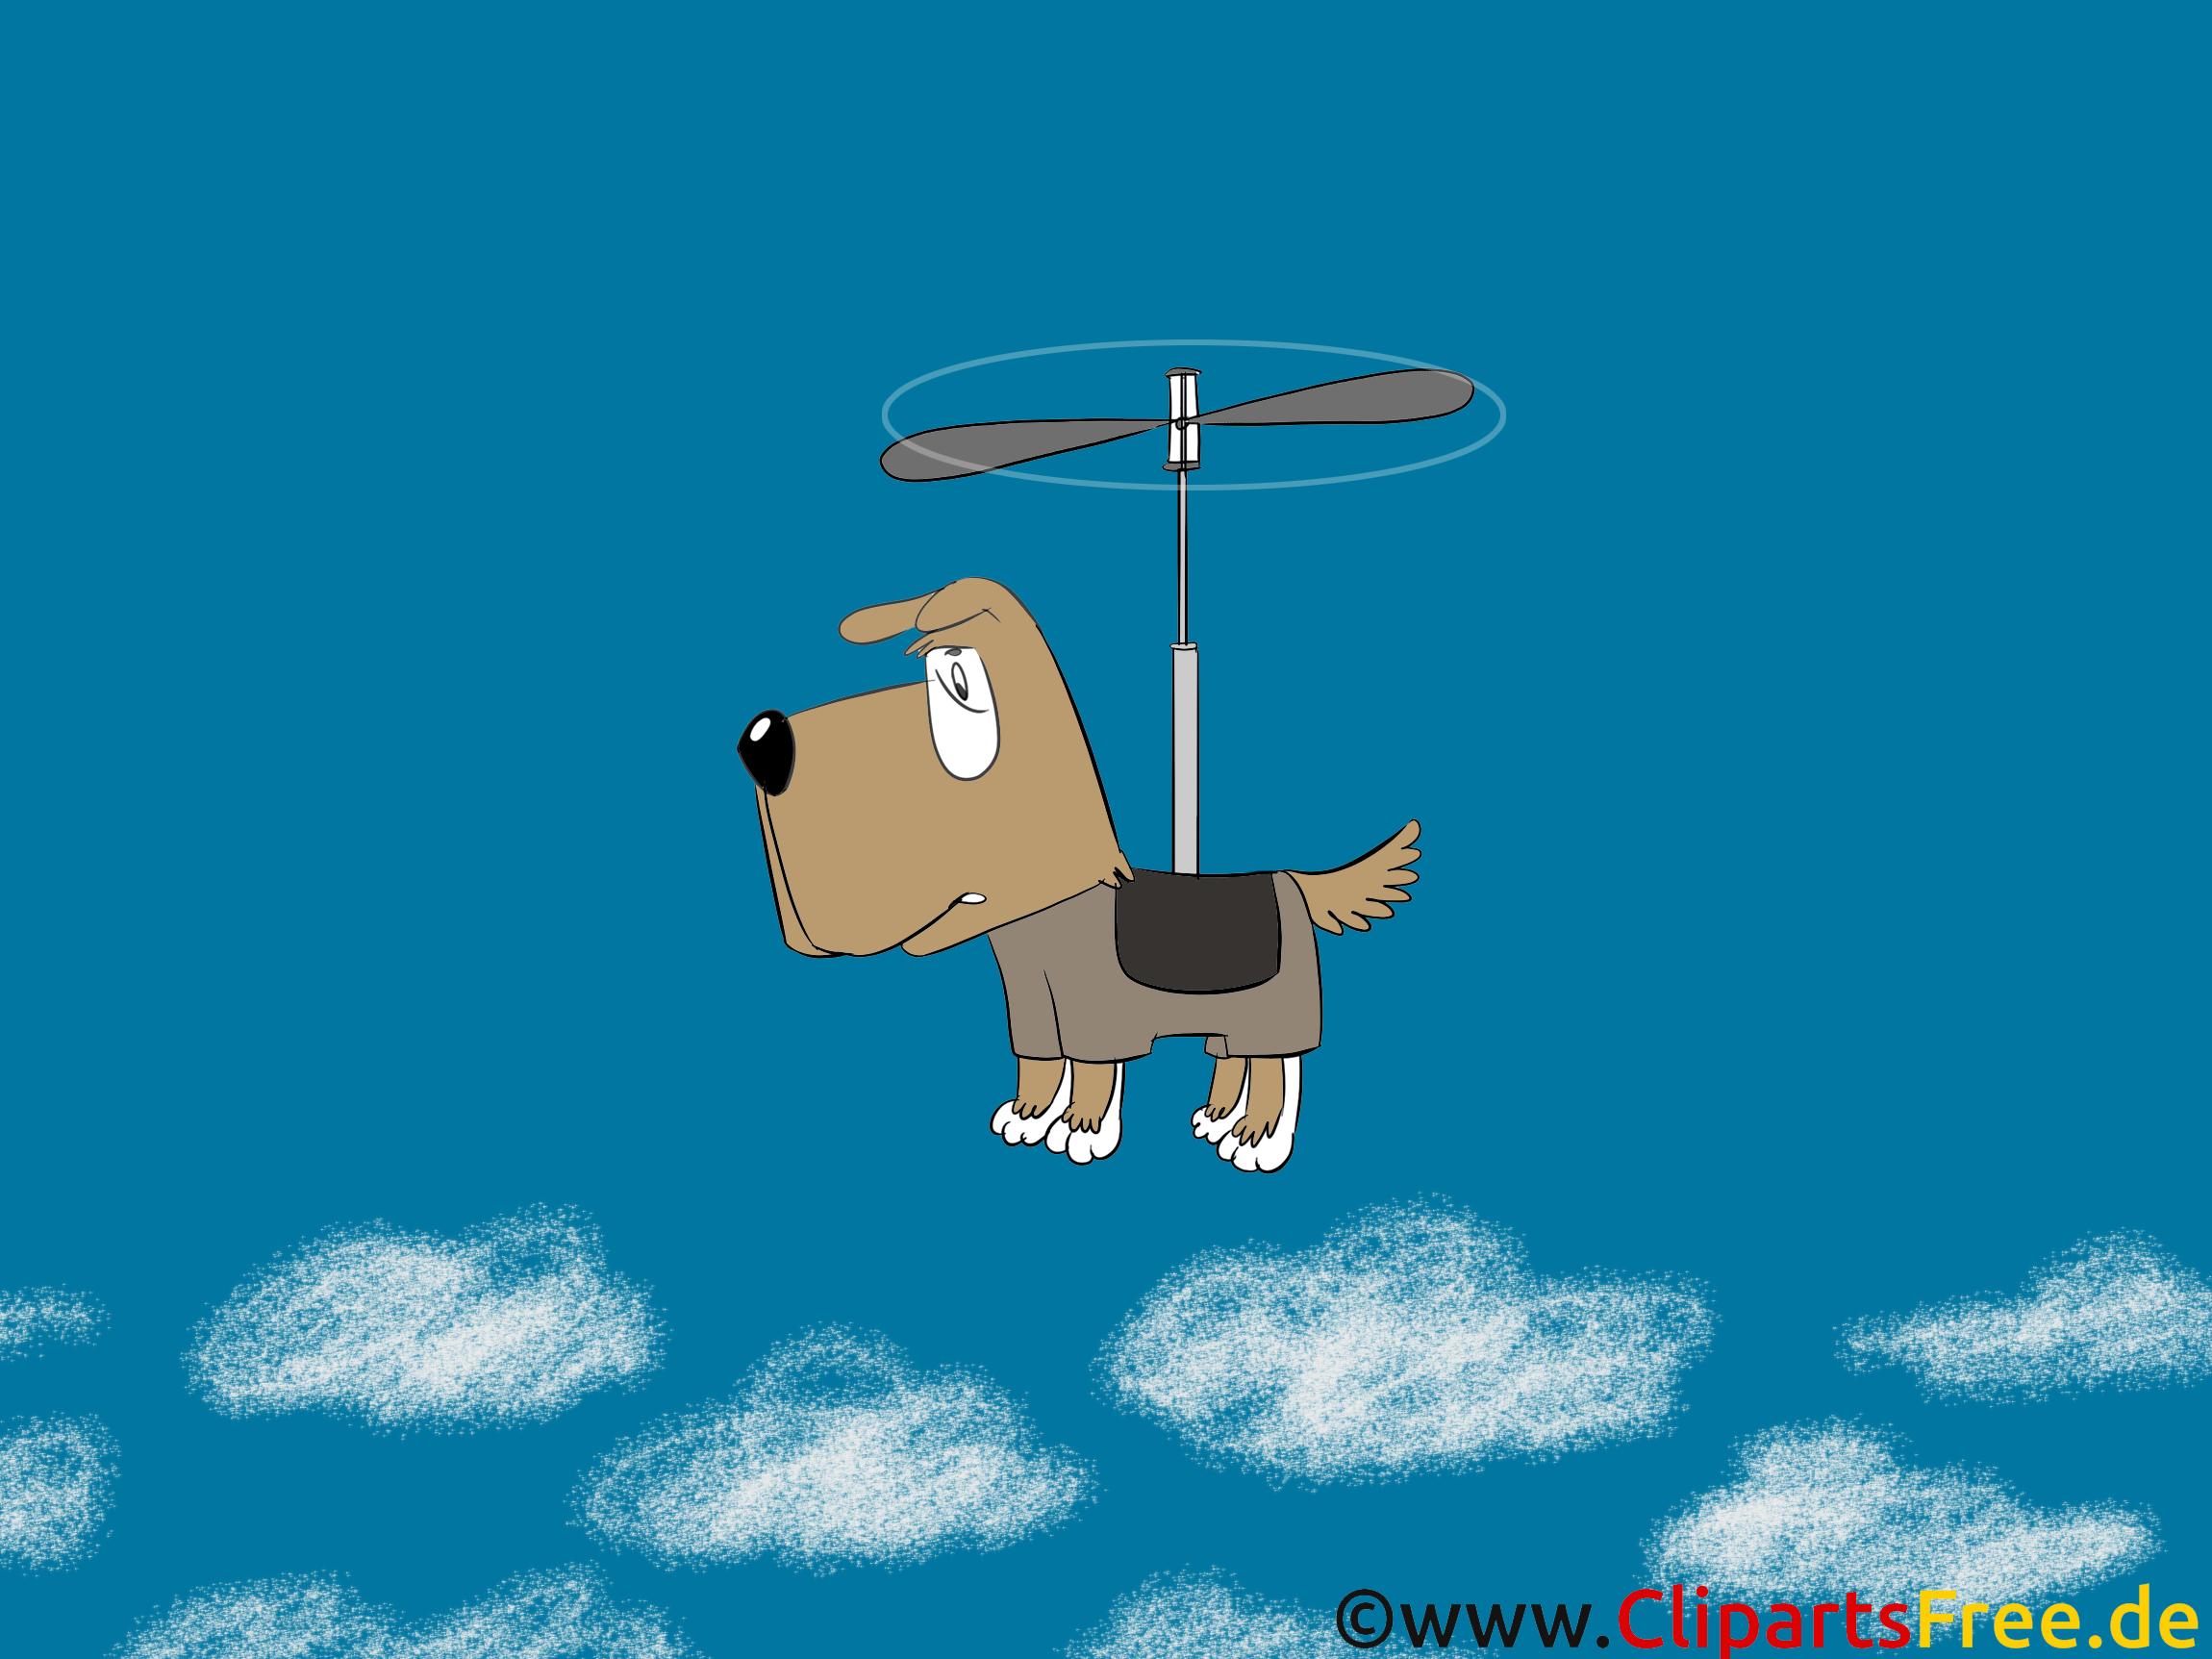 Chien Volant chien volant fonds d'écran image à télécharger - fonds d écran